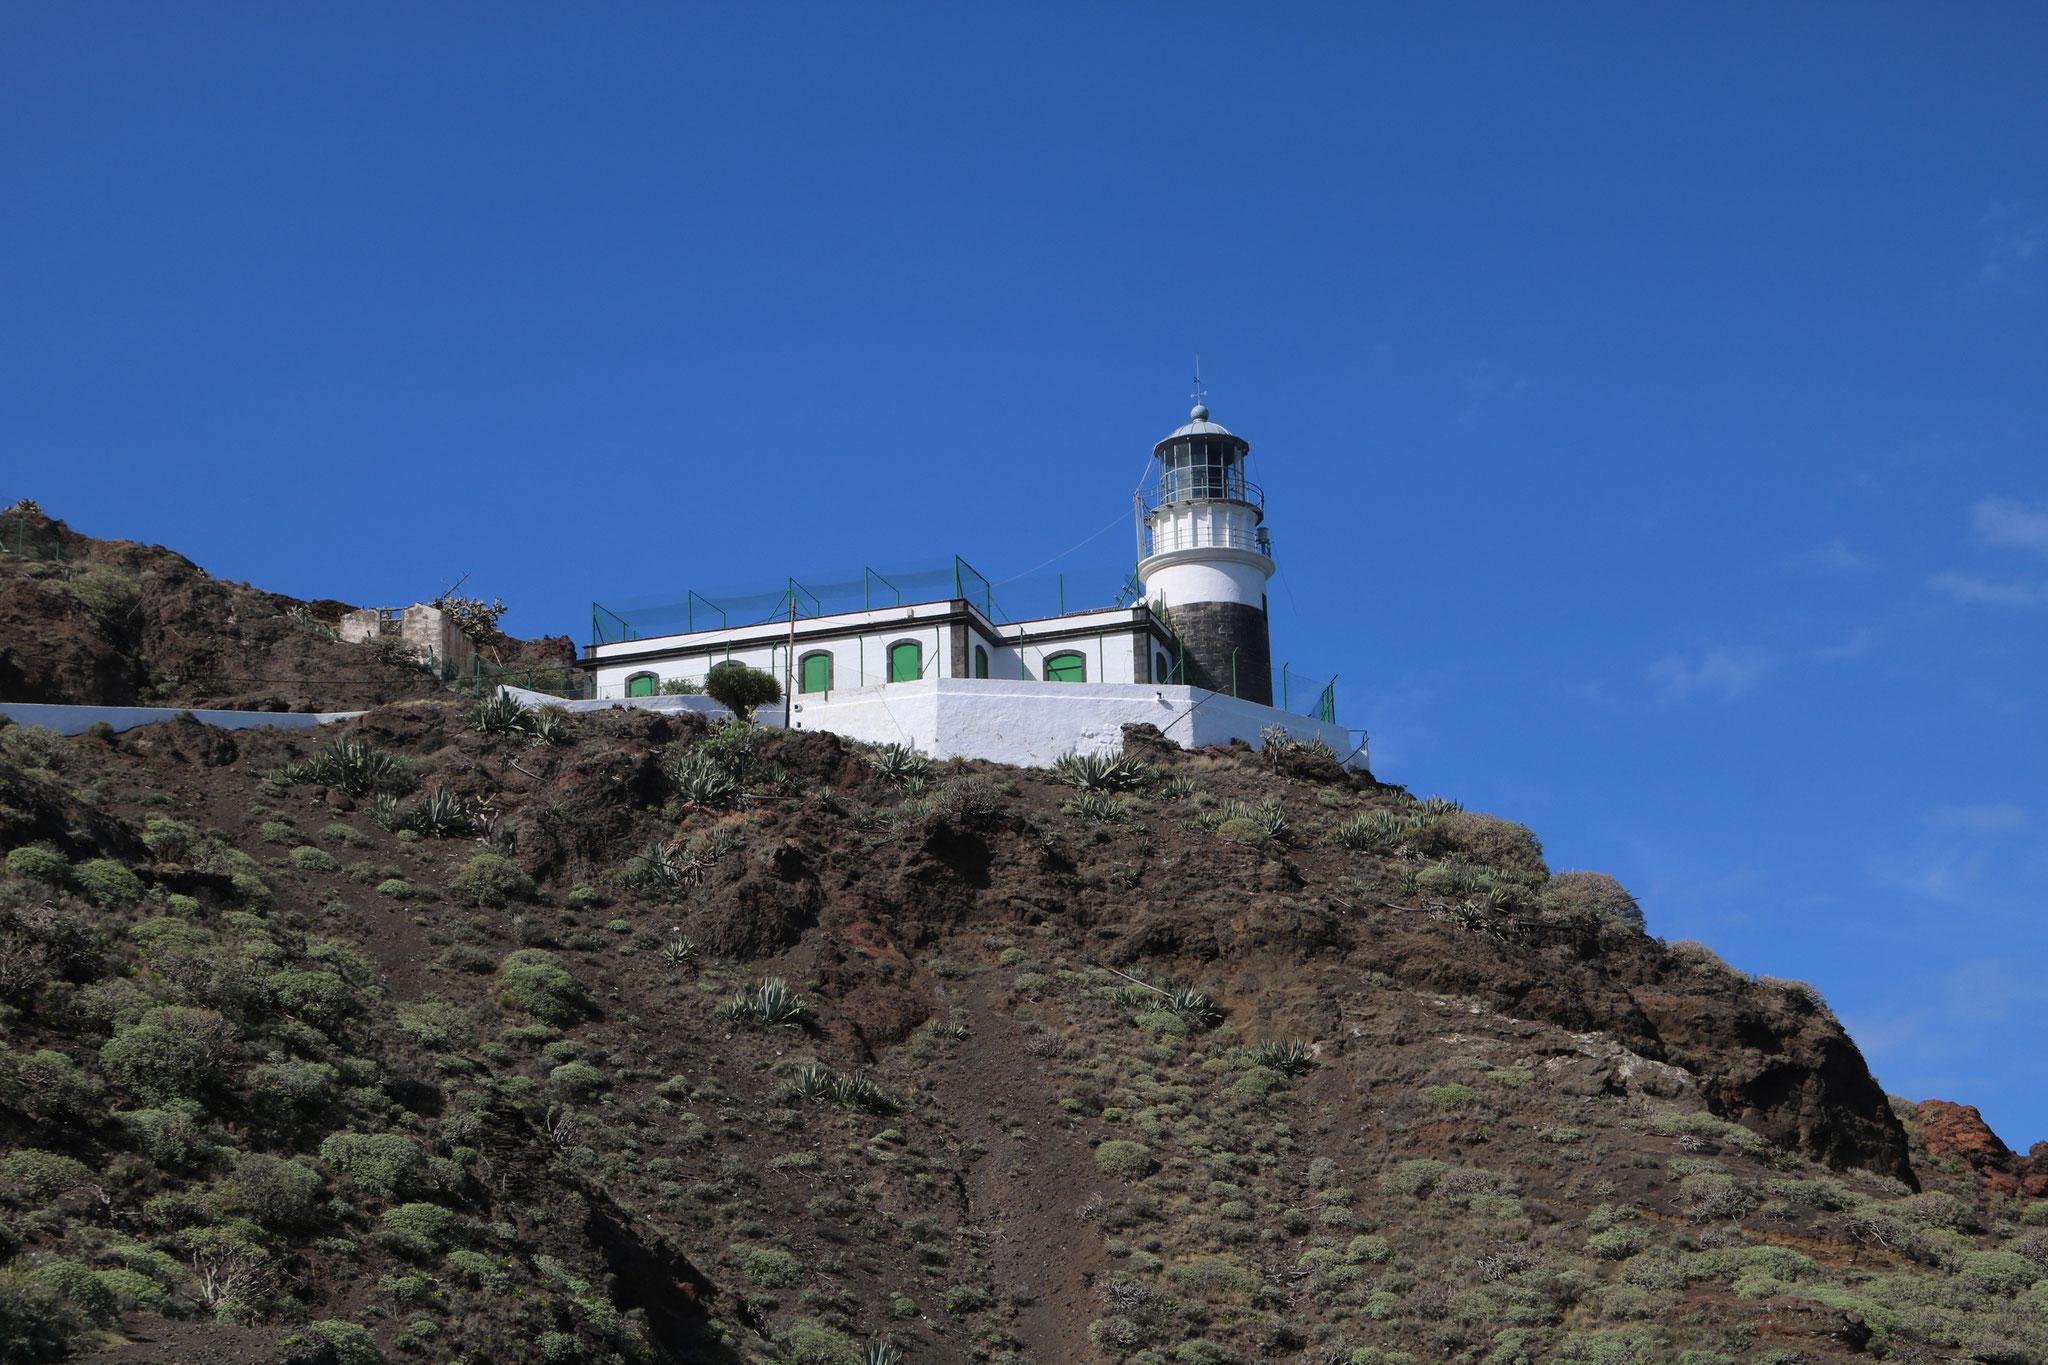 Wanderung von Camorga zur Küste und über einen Leuchtturm wieder zurück